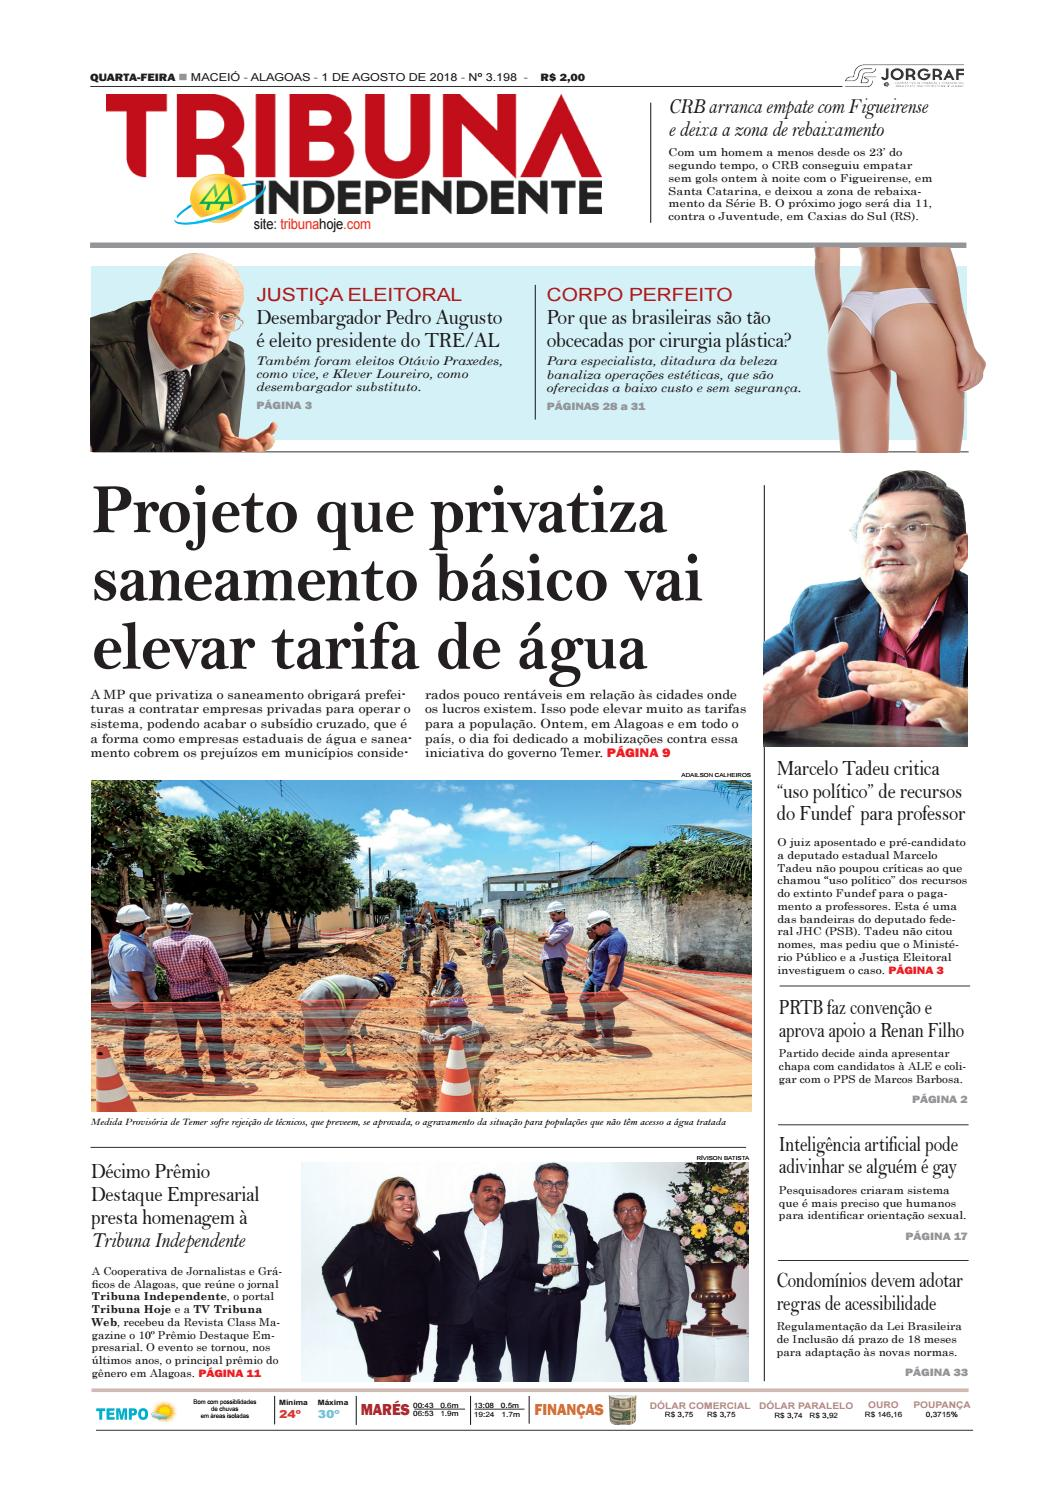 515b0d4ceb Edição número 3198 - 1 de agosto de 2018 by Tribuna Hoje - issuu